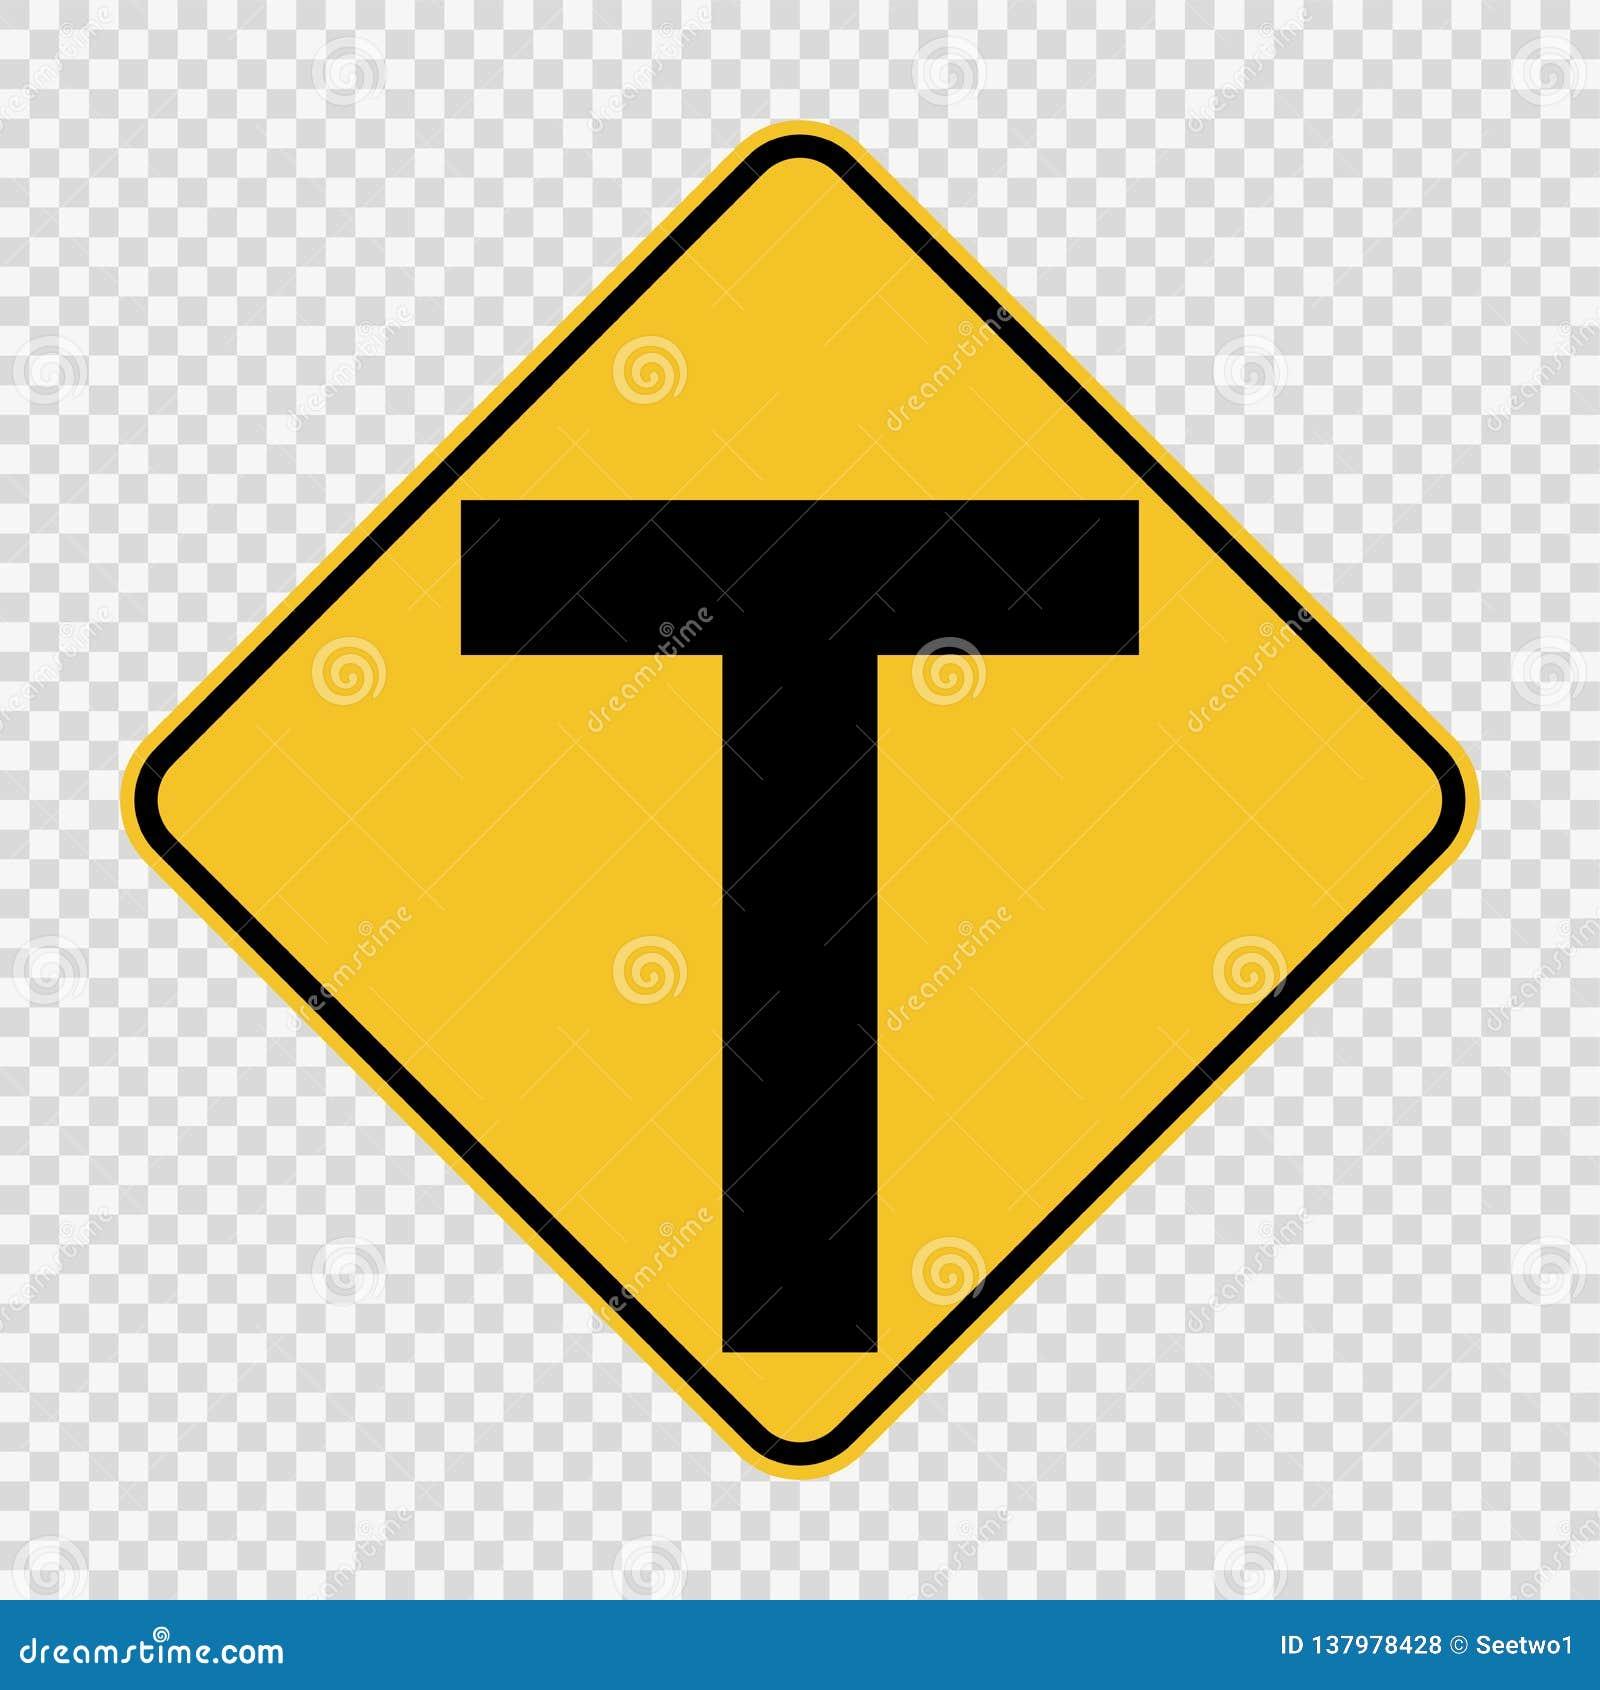 连接点前面,主要交叉点是T形的 在透明背景的标志